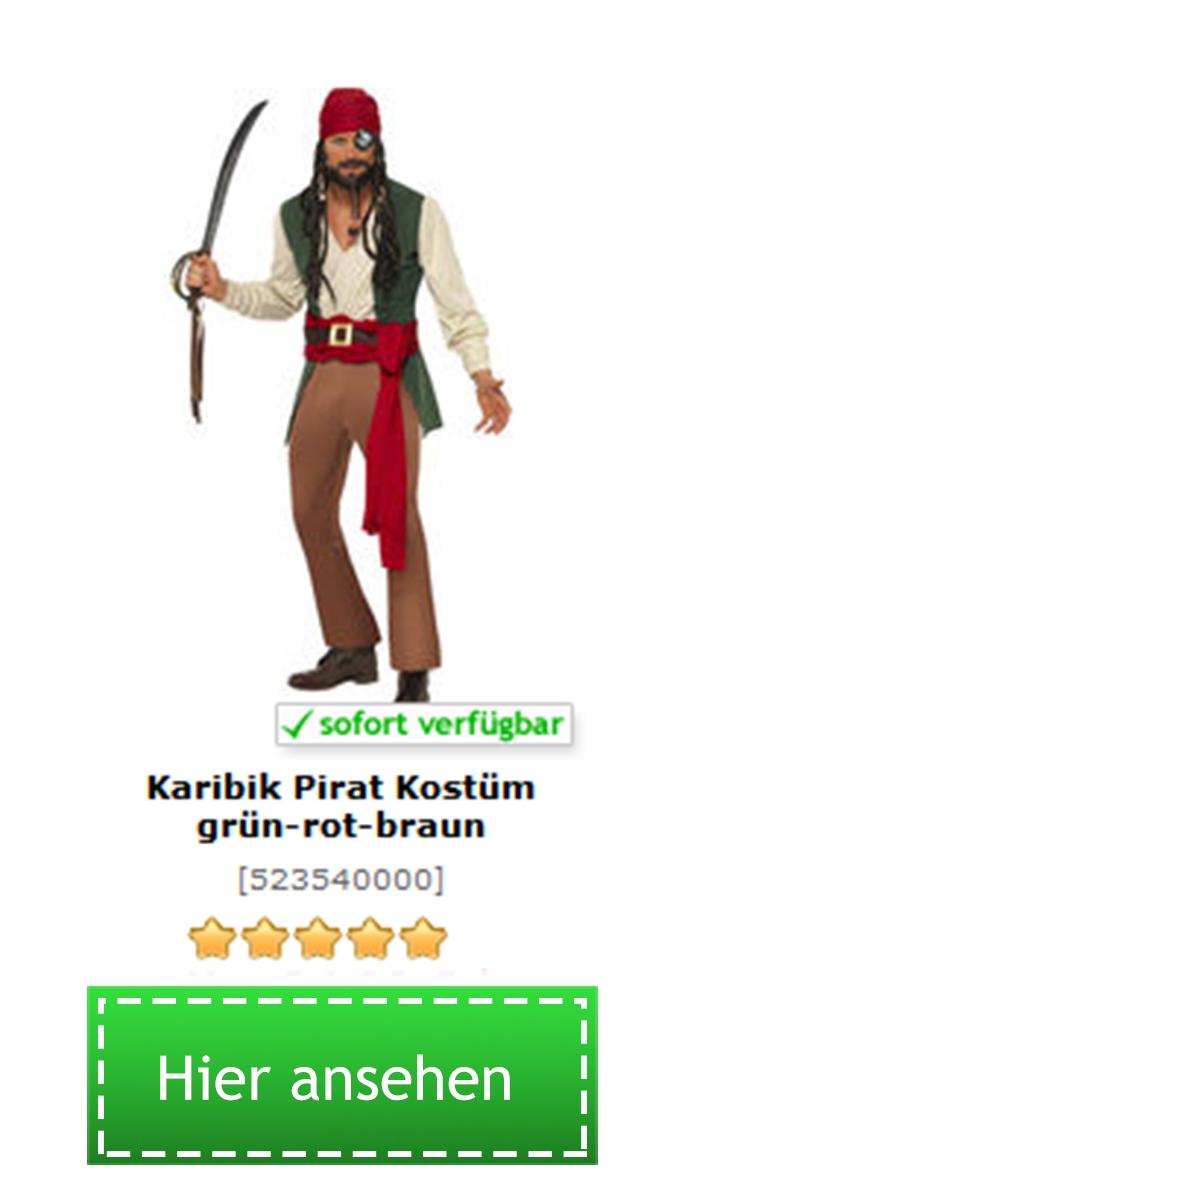 Captain Jack Sparrow Kostüm von Fluch der Karibik